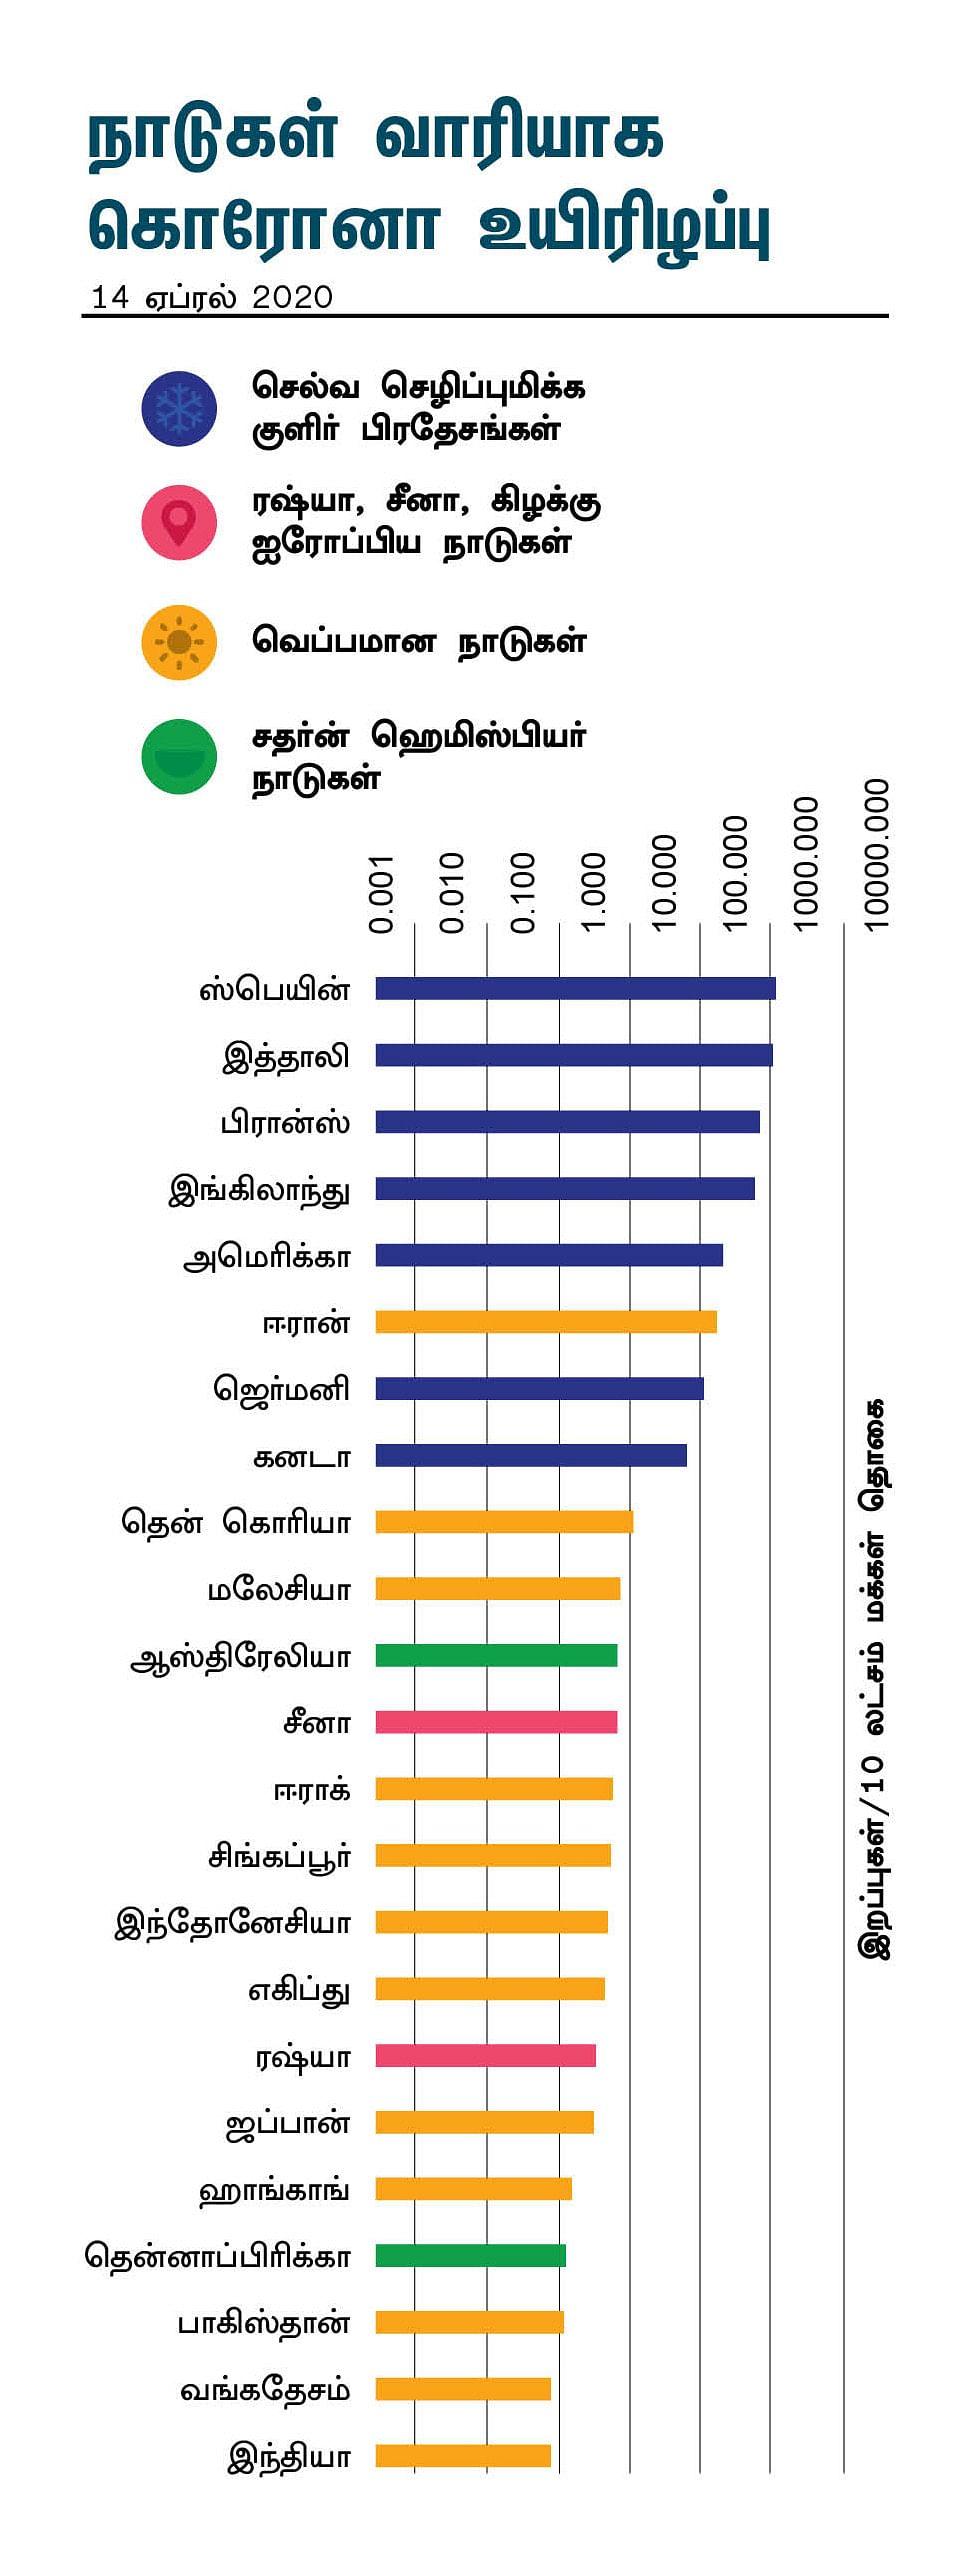 குளிர்ப்பிரதேசங்களில் அமைந்திருக்கும் இத்தாலி, ஸ்பெயின், ஸ்வீடன், இங்கிலாந்து, அமெரிக்கா போன்ற செல்வச் செழிப்புமிக்க நாடுகளில்தான் கொரோனாவின் தாக்கம் மிக அதிகமாக இருக்கிறது. சீனா, ரஷ்யா மற்றும் கிழக்கு ஐரோப்பிய நாடுகளில் அதற்கு அடுத்தபடியாக கொரோனா கடுமை காட்டியிருக்கிறது. அரைக்கோளத்துக்கு, அதாவது சதர்ன் ஹெமிஸ்பியரில் இருக்கும் ஆஸ்திரேலியா, தென் ஆப்பிரிக்கா, தென் அமெரிக்க நாடுகள் ஒப்பீட்டு அளவில் பார்த்தால், அவை குறைந்த அளவே பாதிப்புக்கு உள்ளாகியிருக்கின்றன. இருப்பதிலேயே இந்தியா, பாகிஸ்தான், வங்கதேசம், சிங்கப்பூர் போன்ற வெப்பமான நாடுகளில்தான் கொரோனாவின் பாதிப்பு குறைவாக இருக்கிறது.